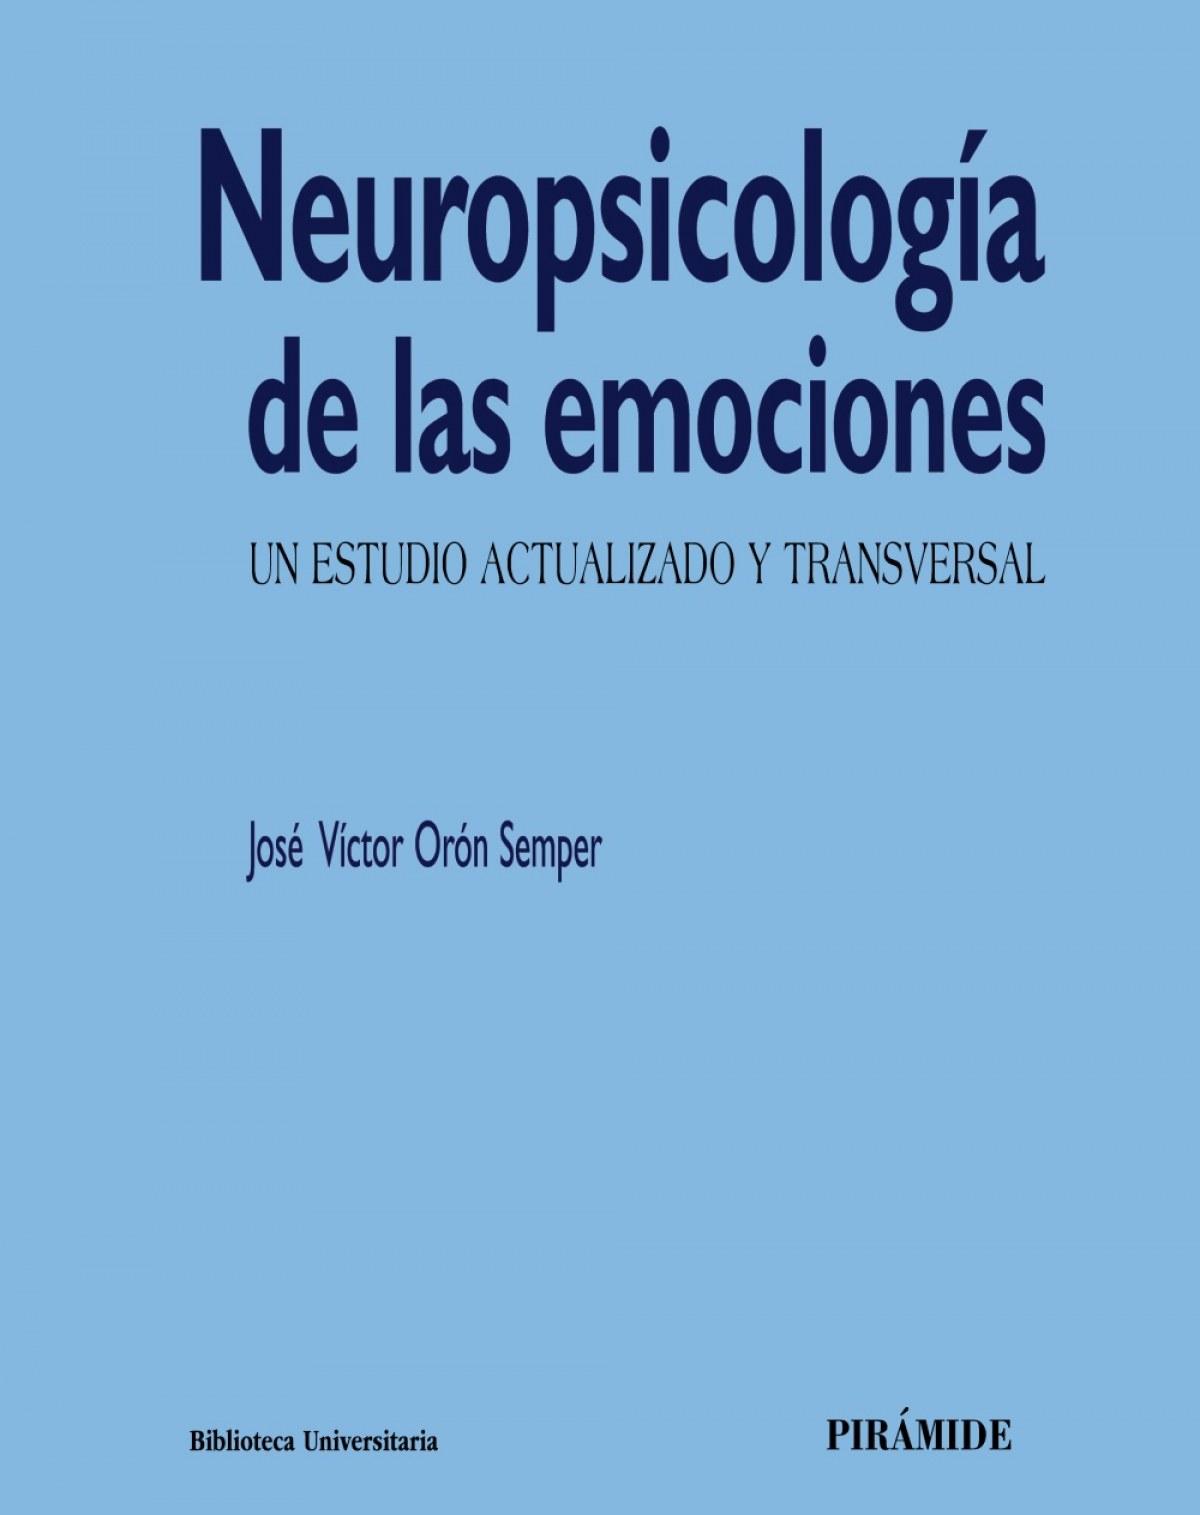 NEUROPSICOLOGÍA DE LAS EMOCIONES